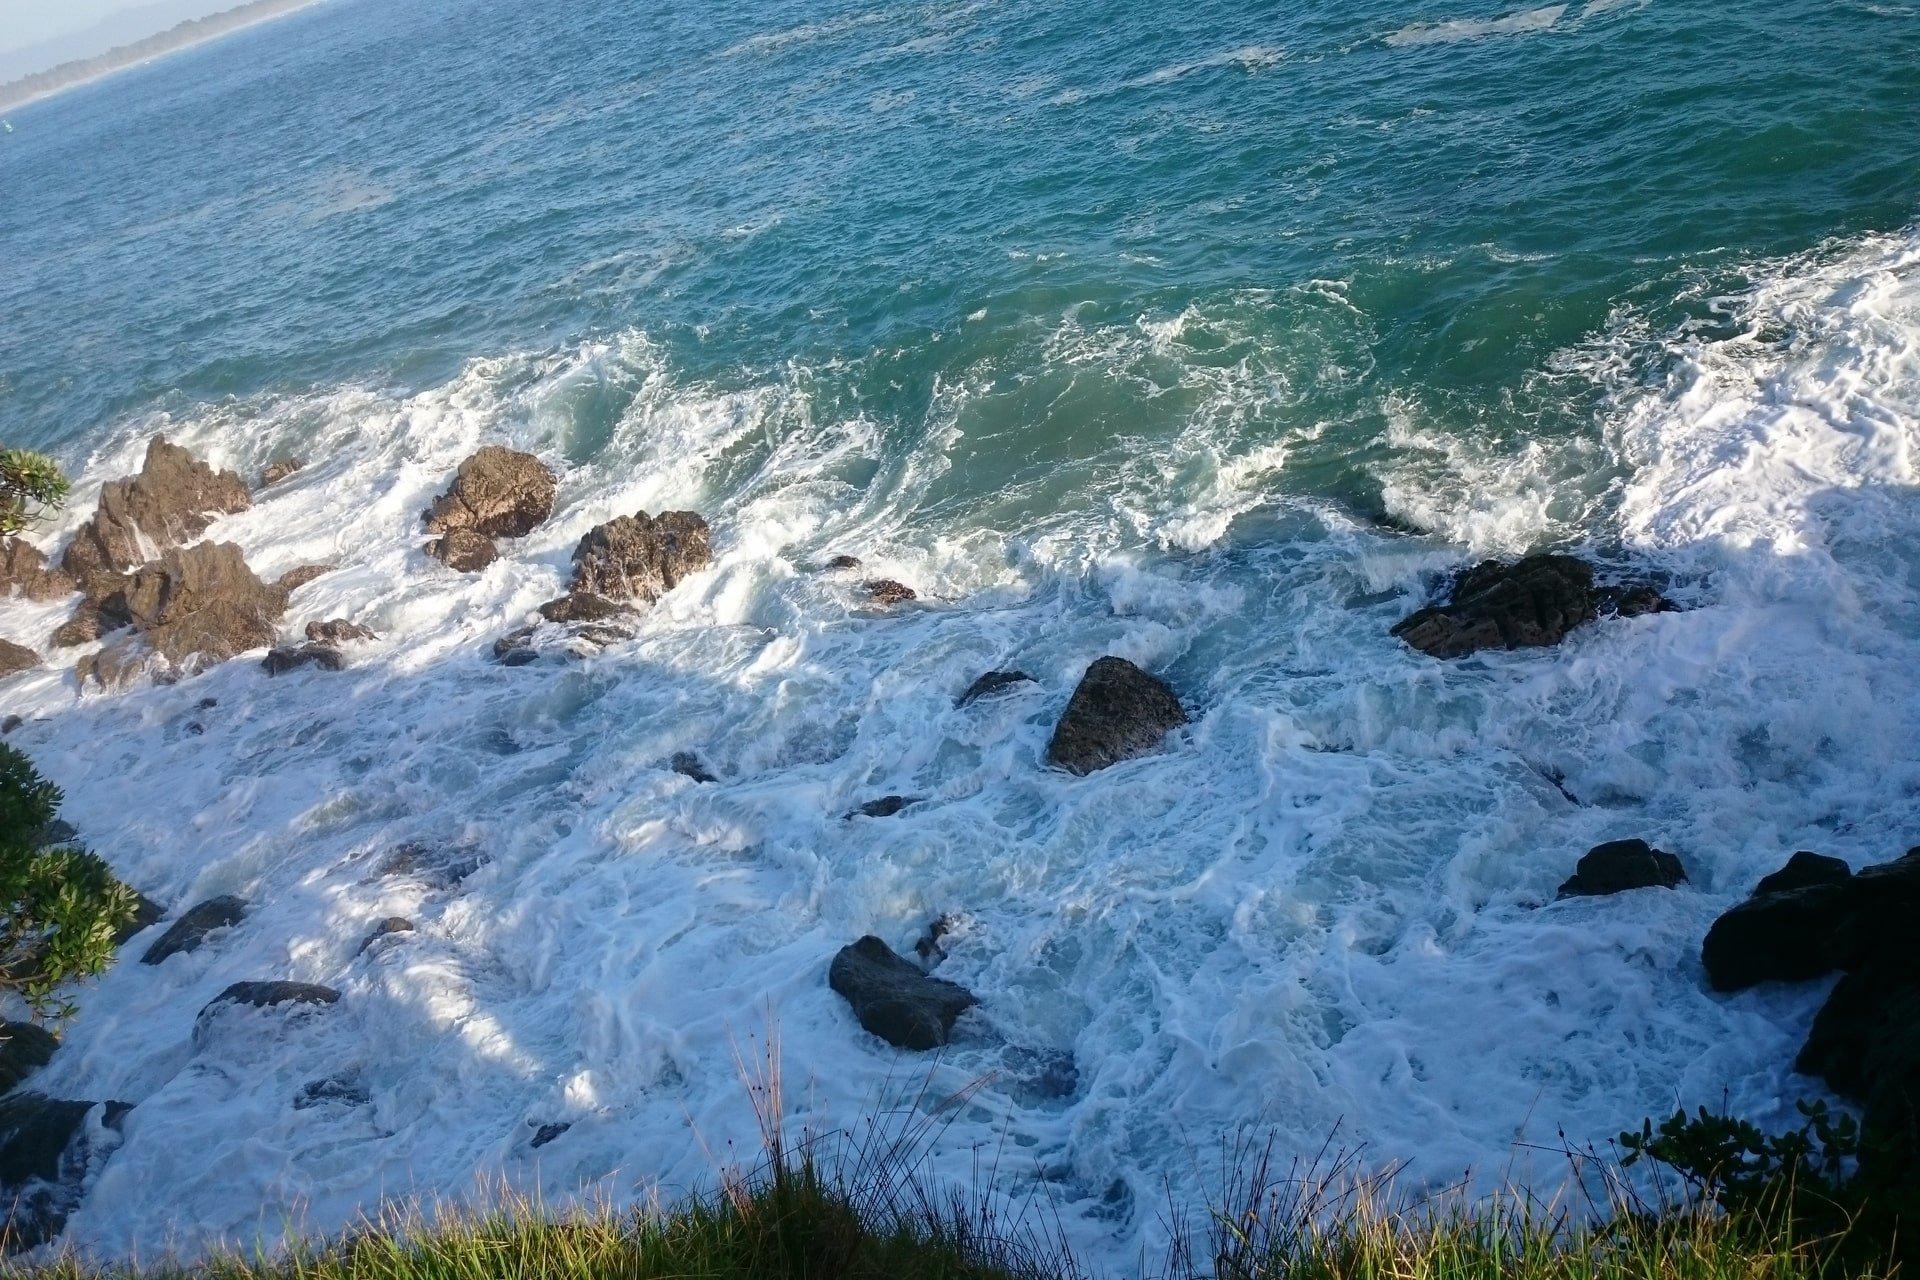 Waves smahing the rocks around Mauao Base Track